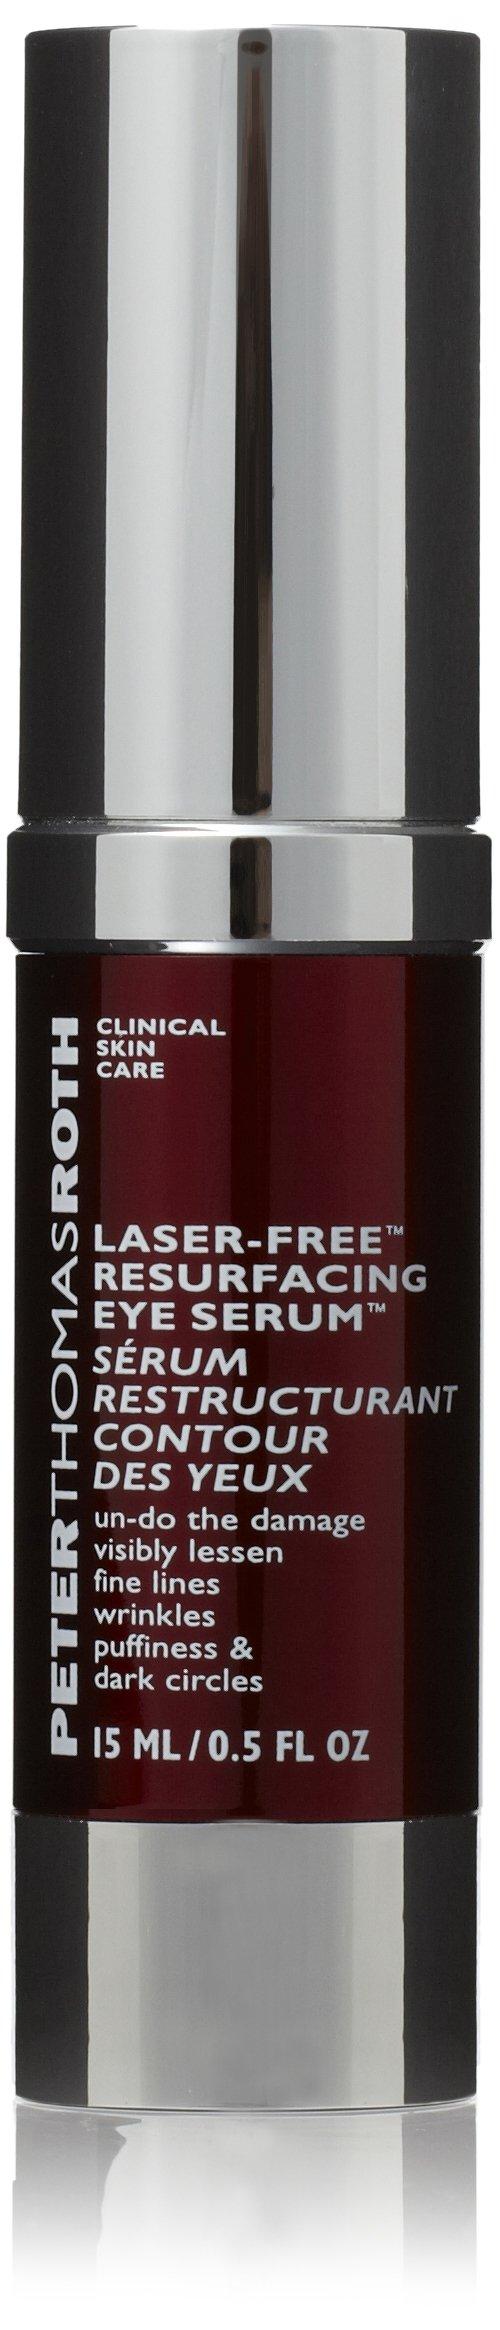 PTR Laser- Free Resurfacing Eye Serum 0.5oz/15ml